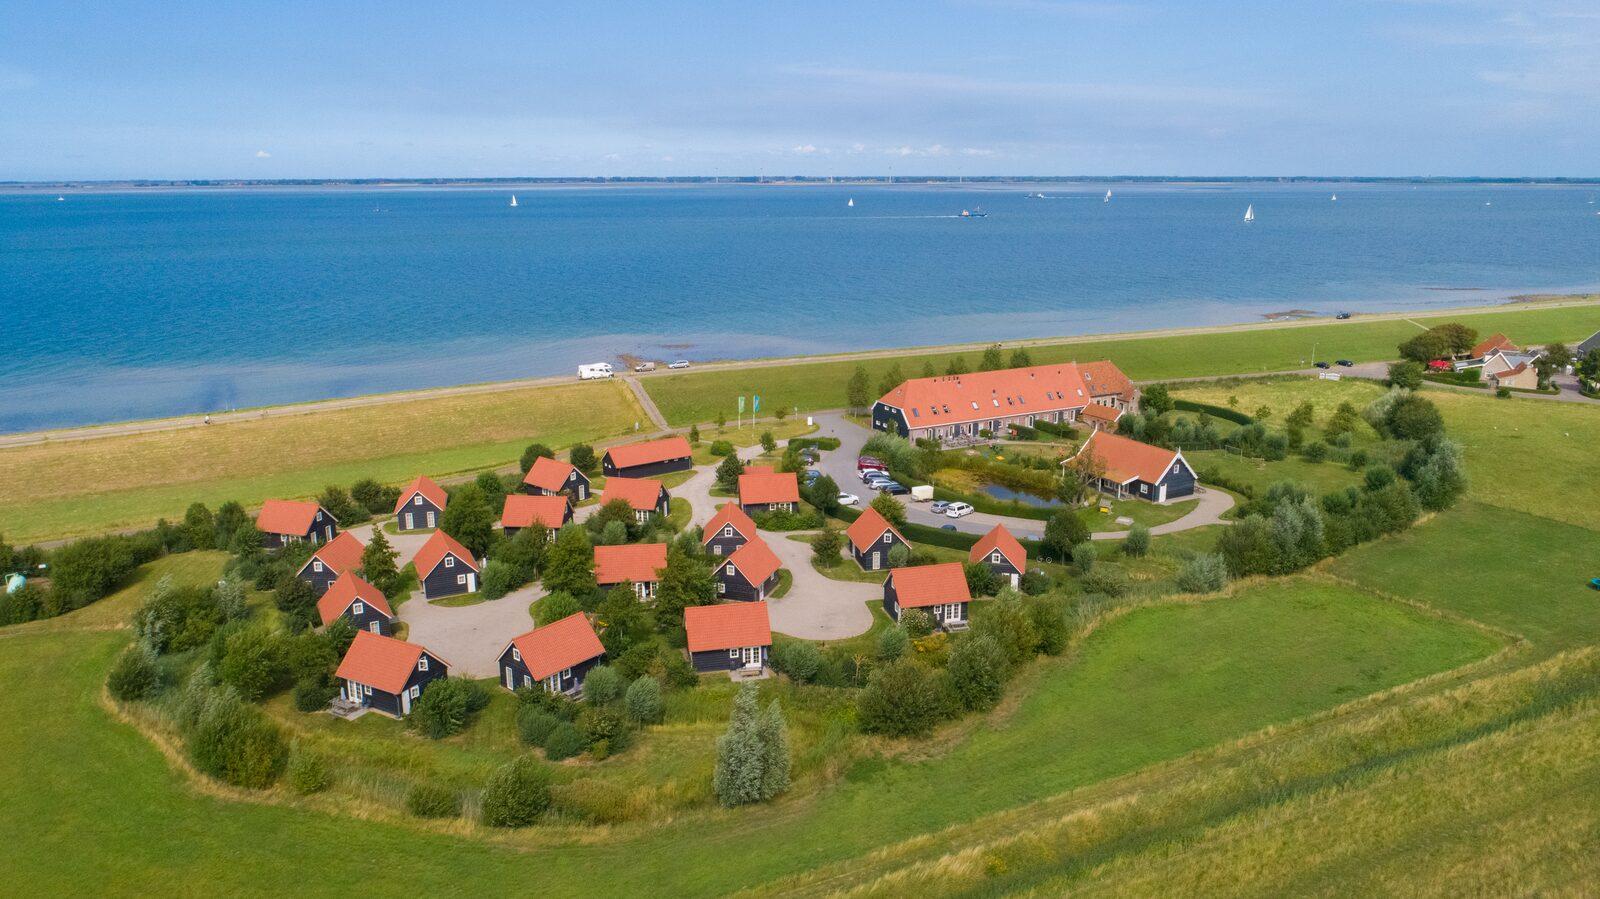 The Stelhoeve Zeeland